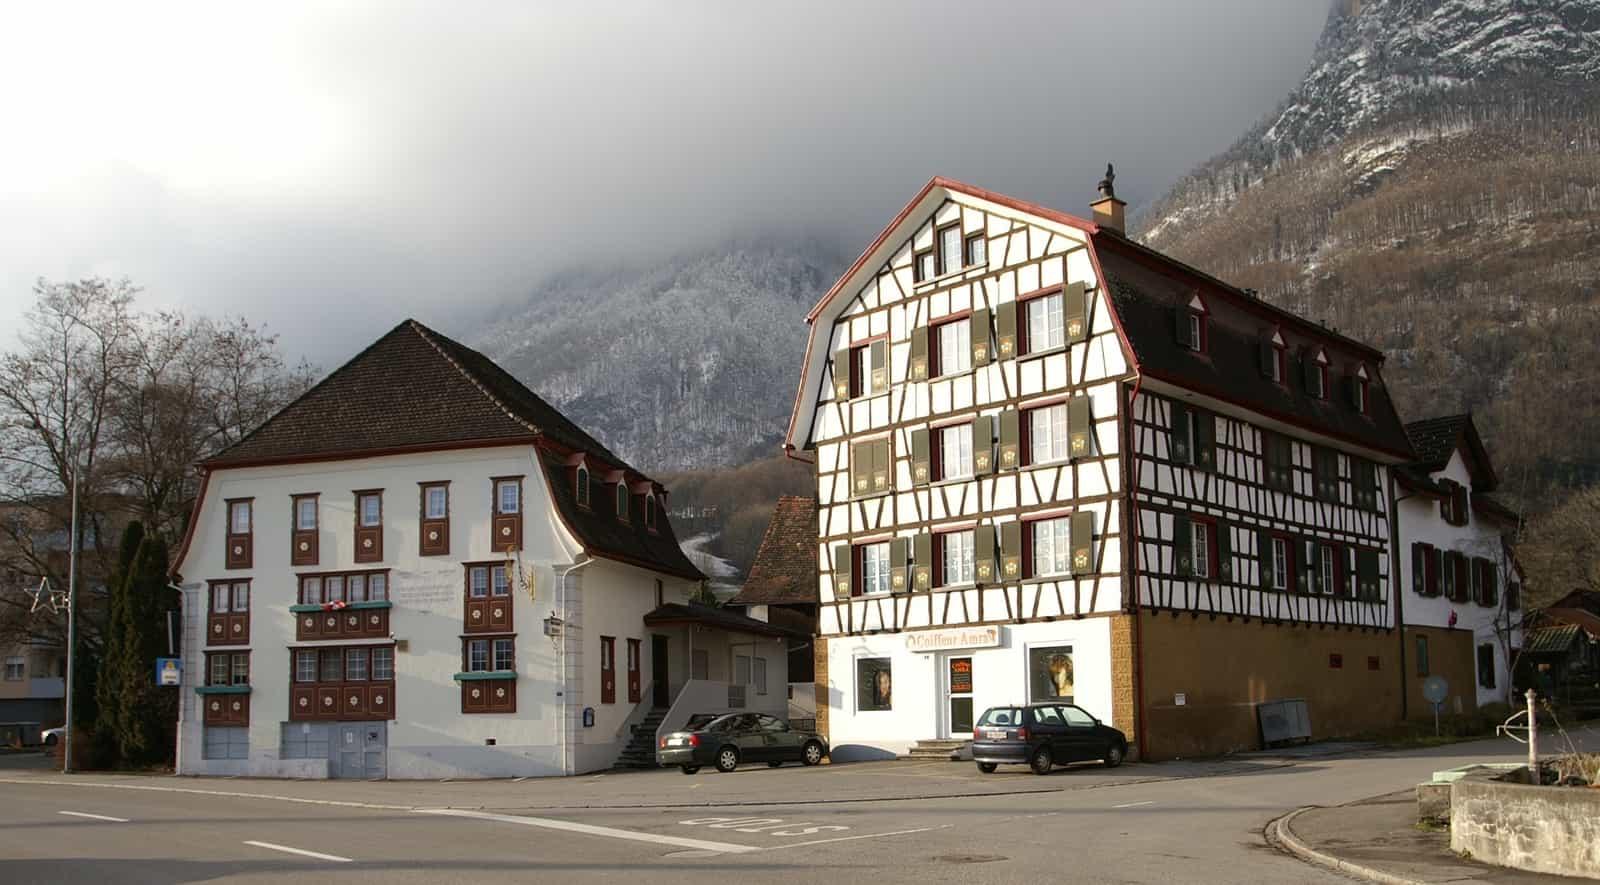 Historische Häuser in Sennwald